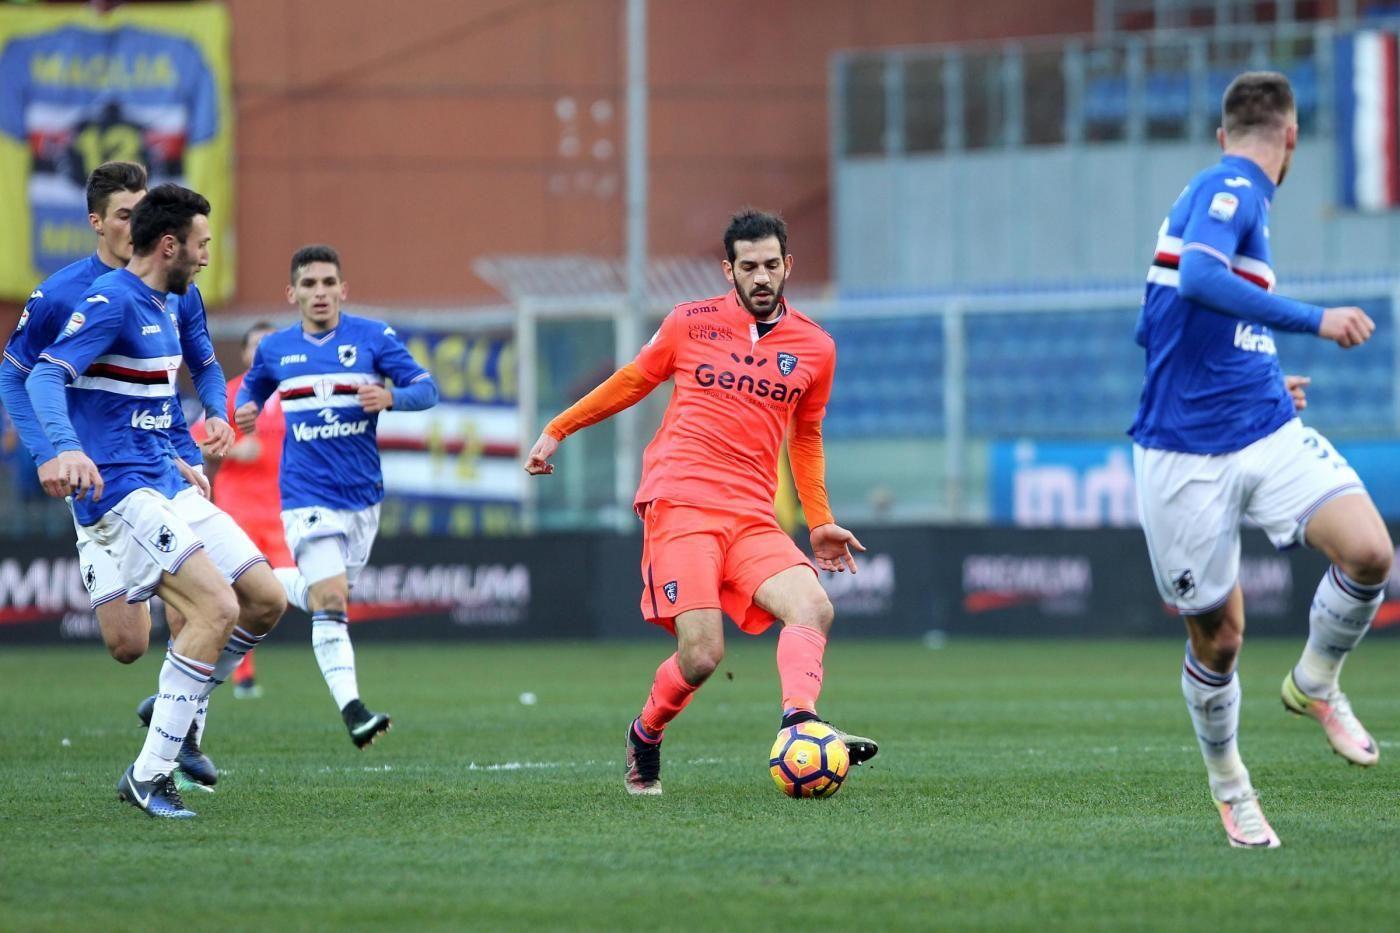 Sampdoria vs Empoli